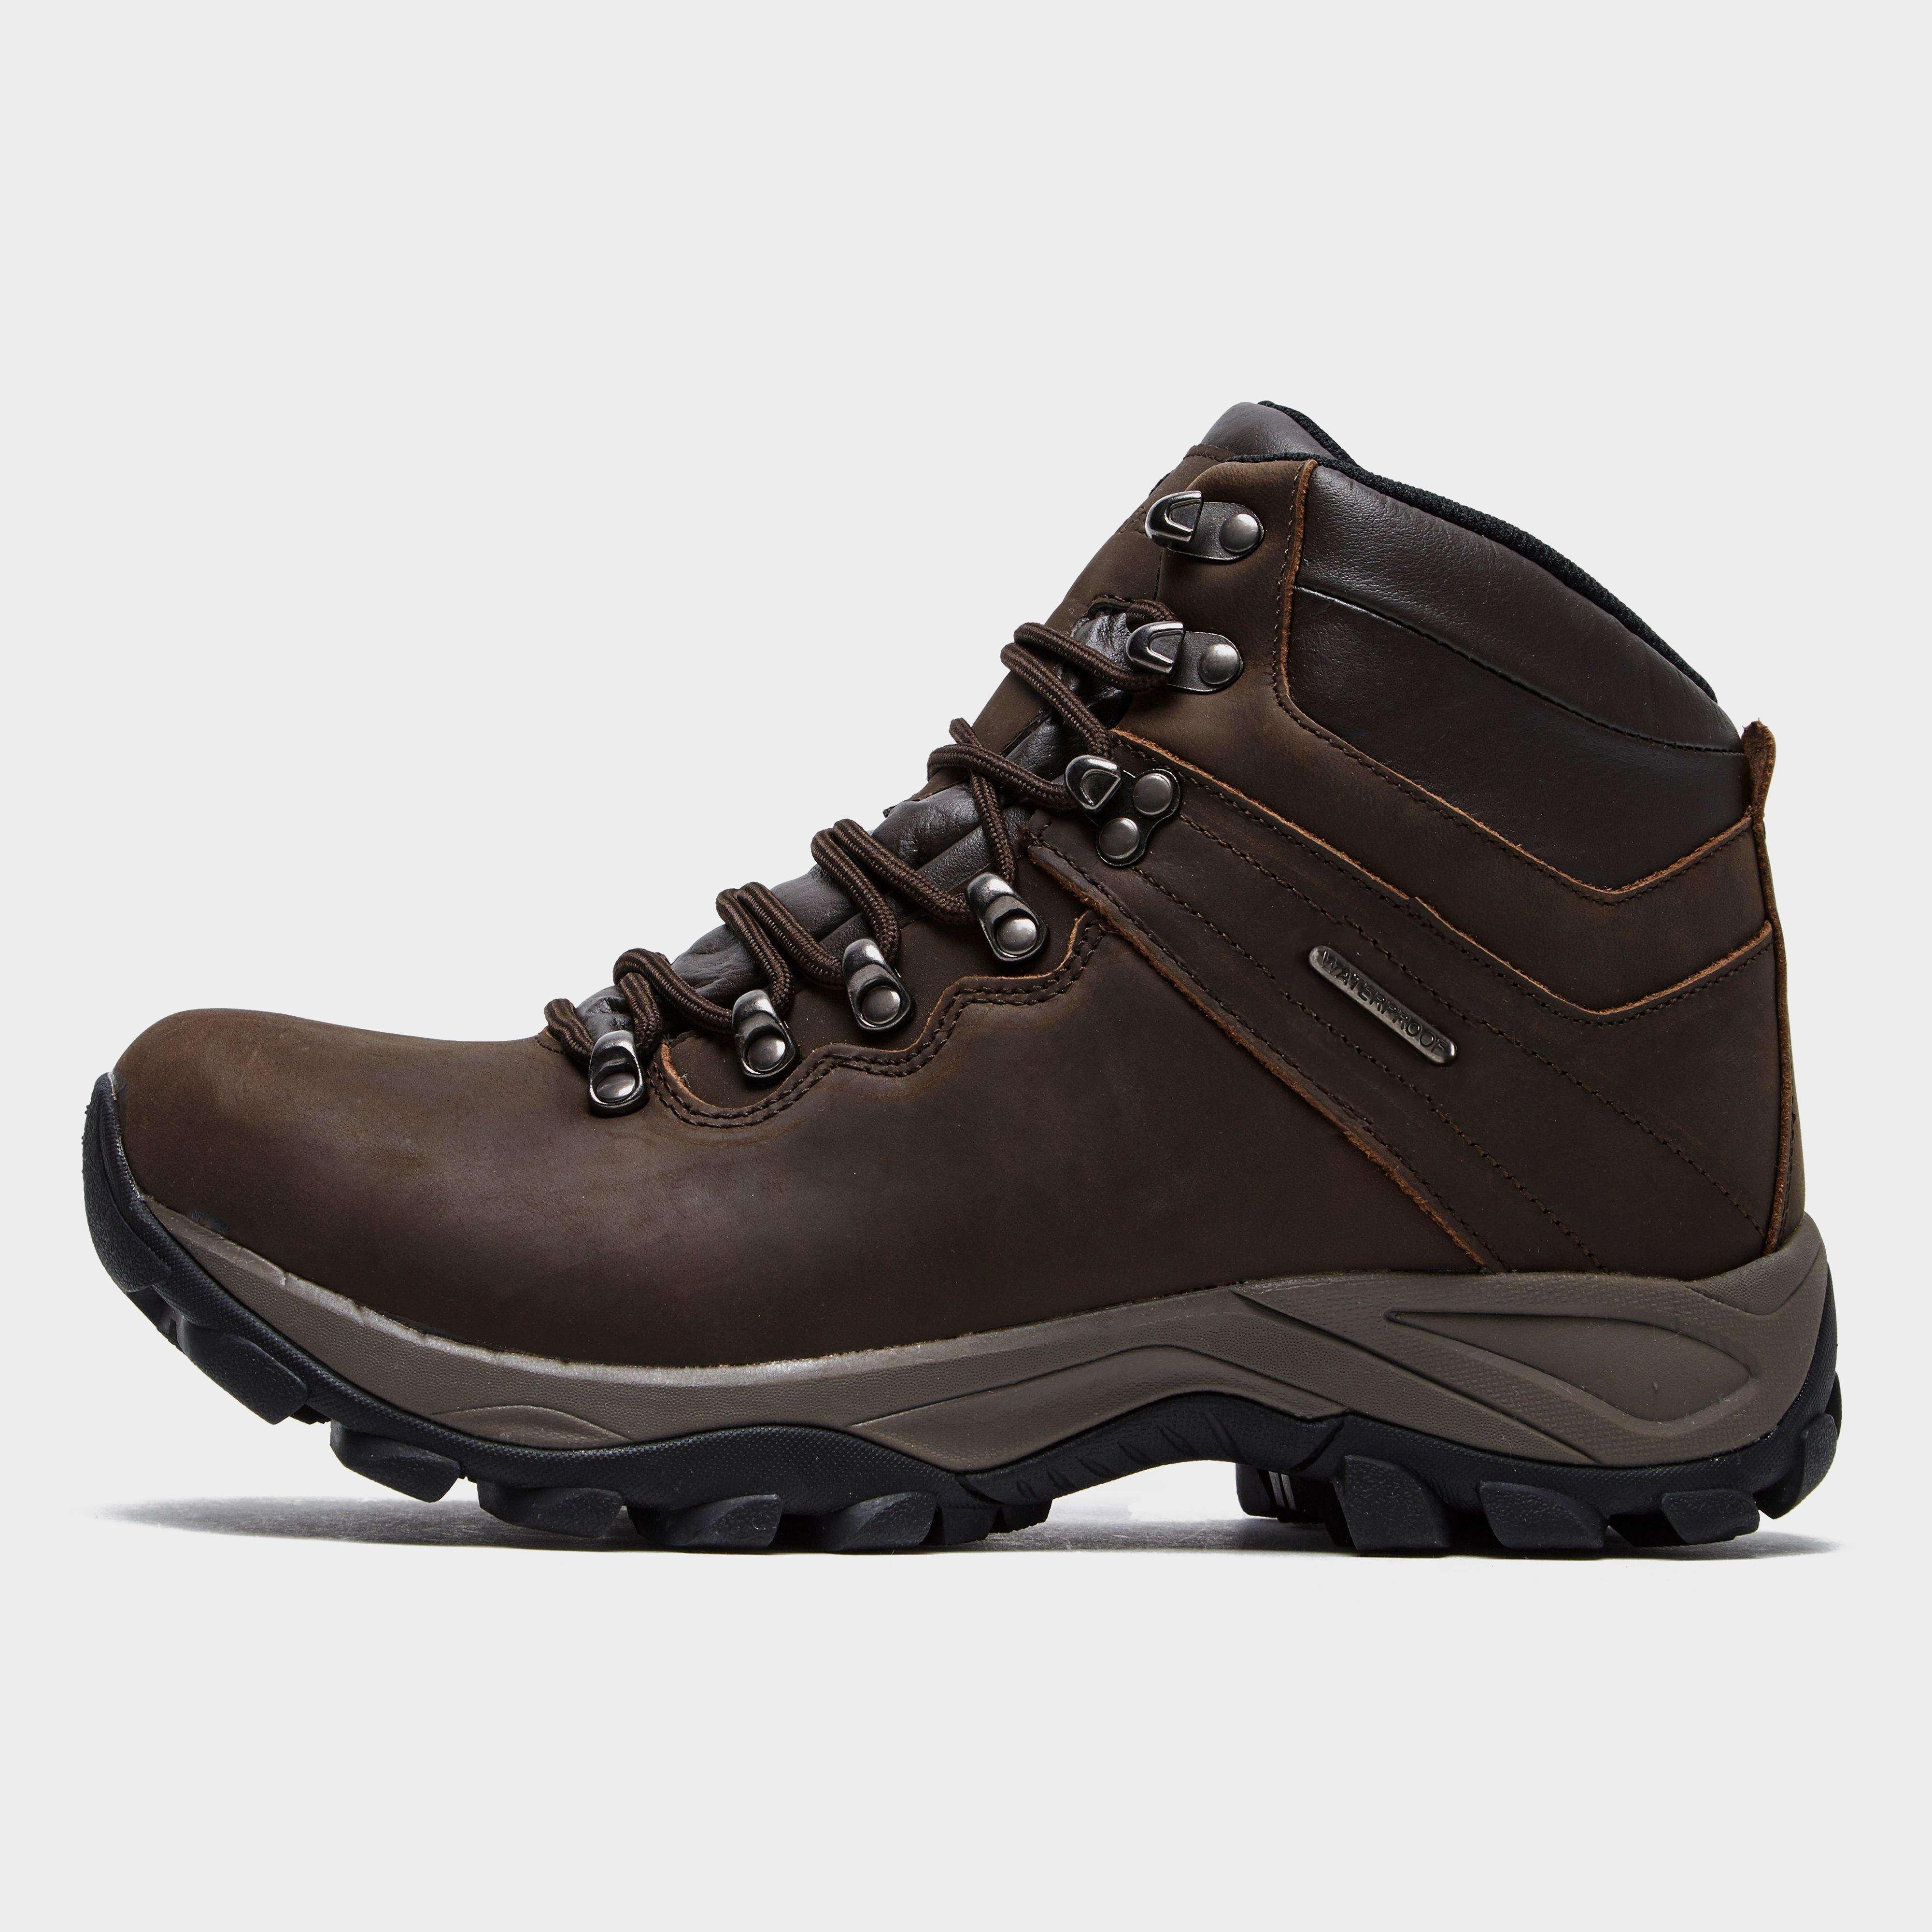 PETER STORM Men's Brecon Walking Boot